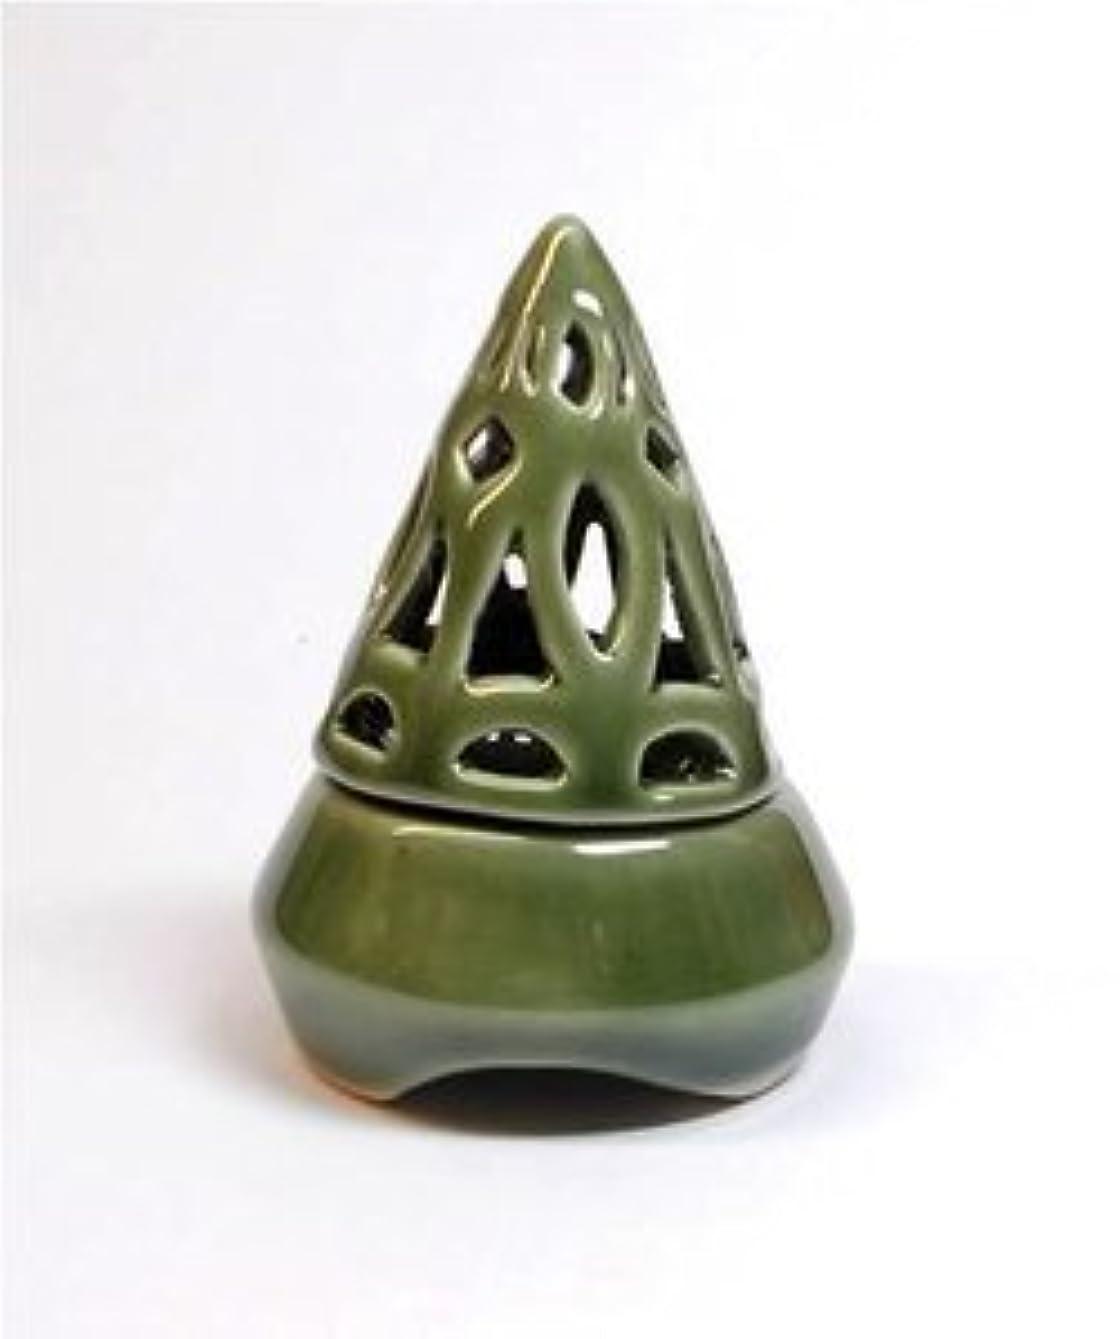 知り合いになるメインオープニング香炉コーン型 緑 インセンス ホルダー コーン用 お香立て アジアン雑貨